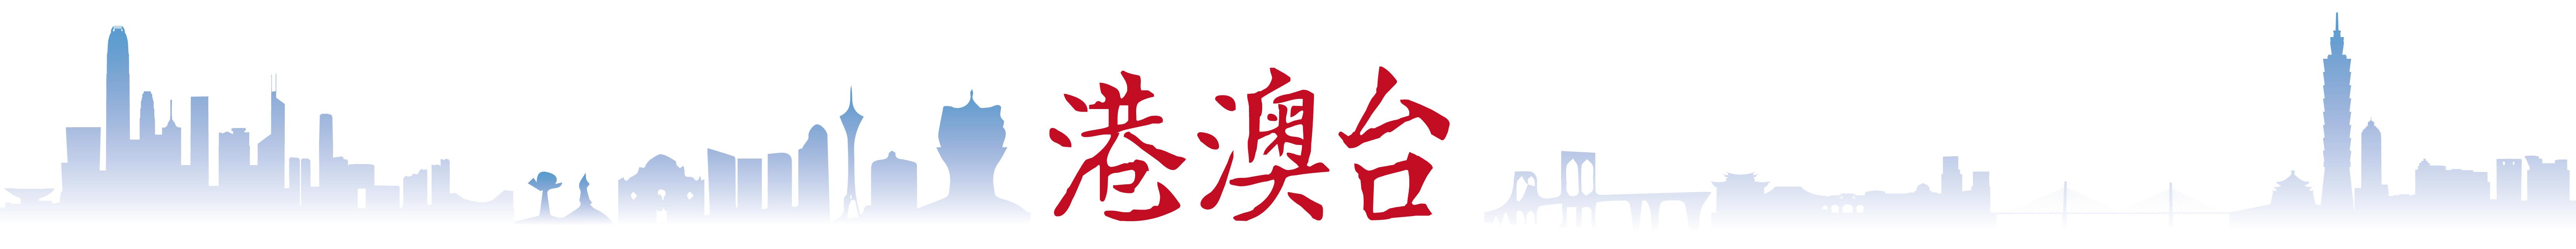 """美国哈佛大学毕业、期待维护""""一国两制""""尊严,这个香港人将执掌终"""